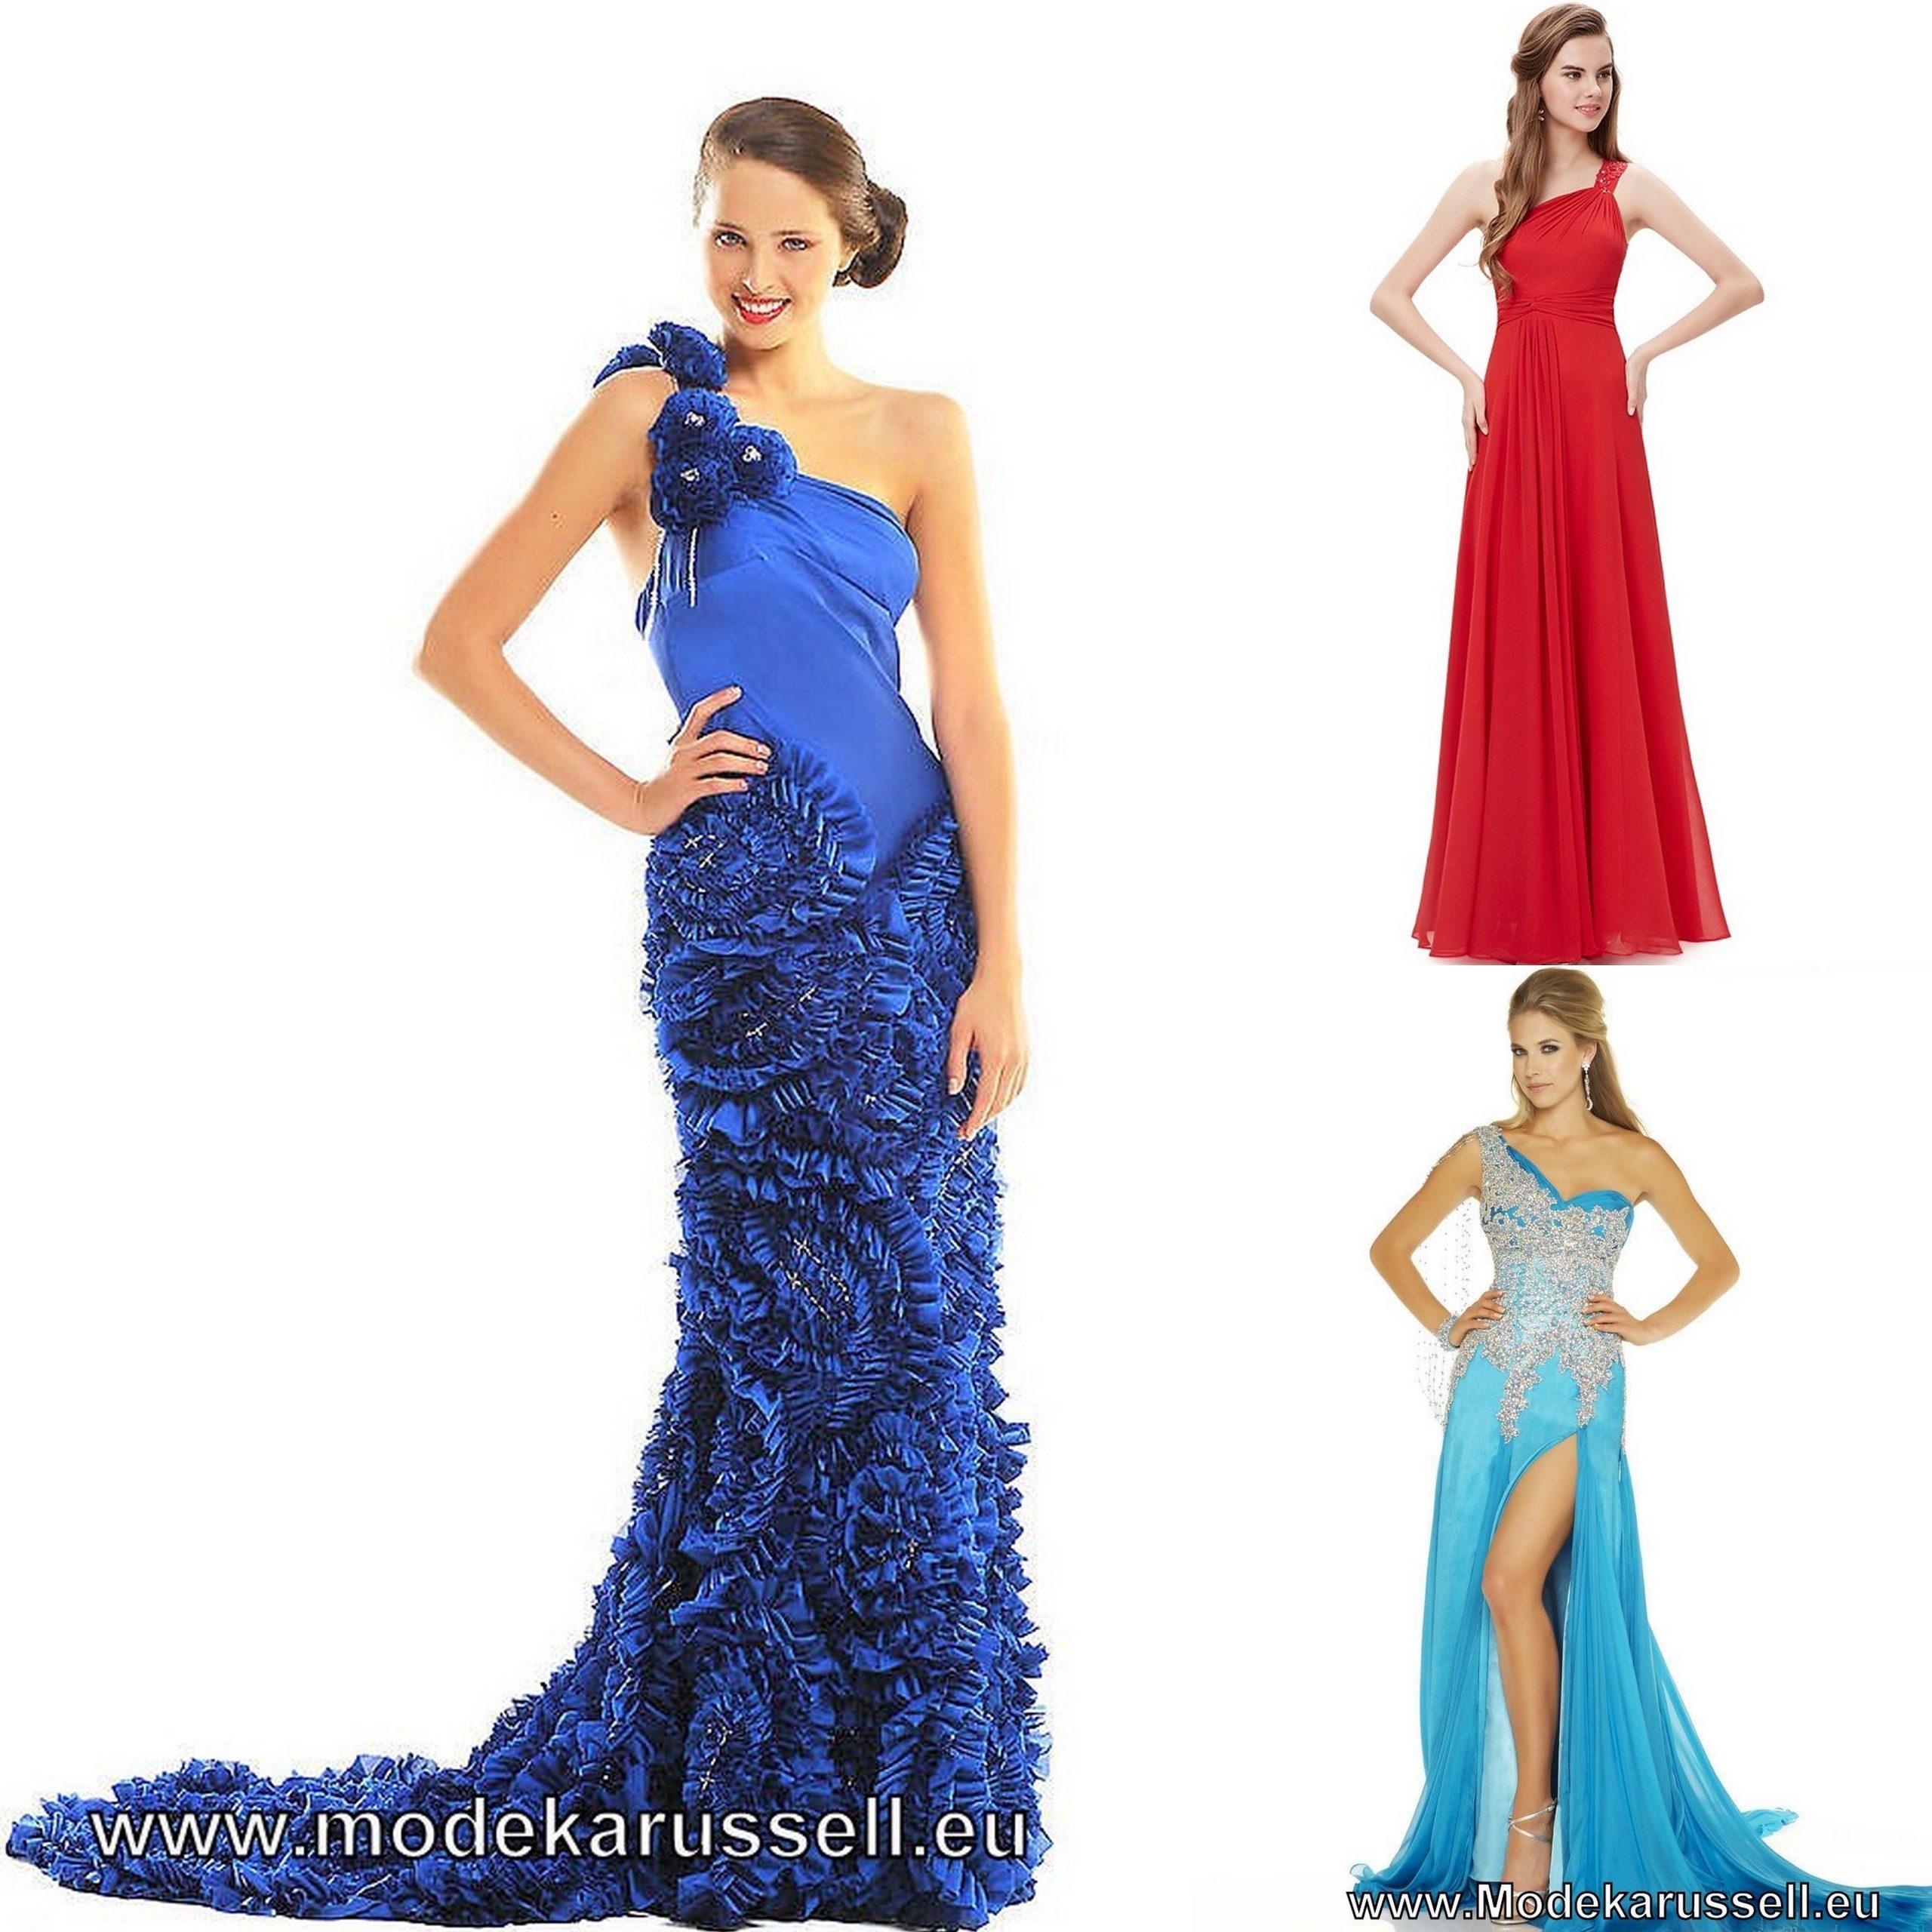 15 Wunderbar Abendkleid Trend 2020 Stylish13 Genial Abendkleid Trend 2020 Galerie